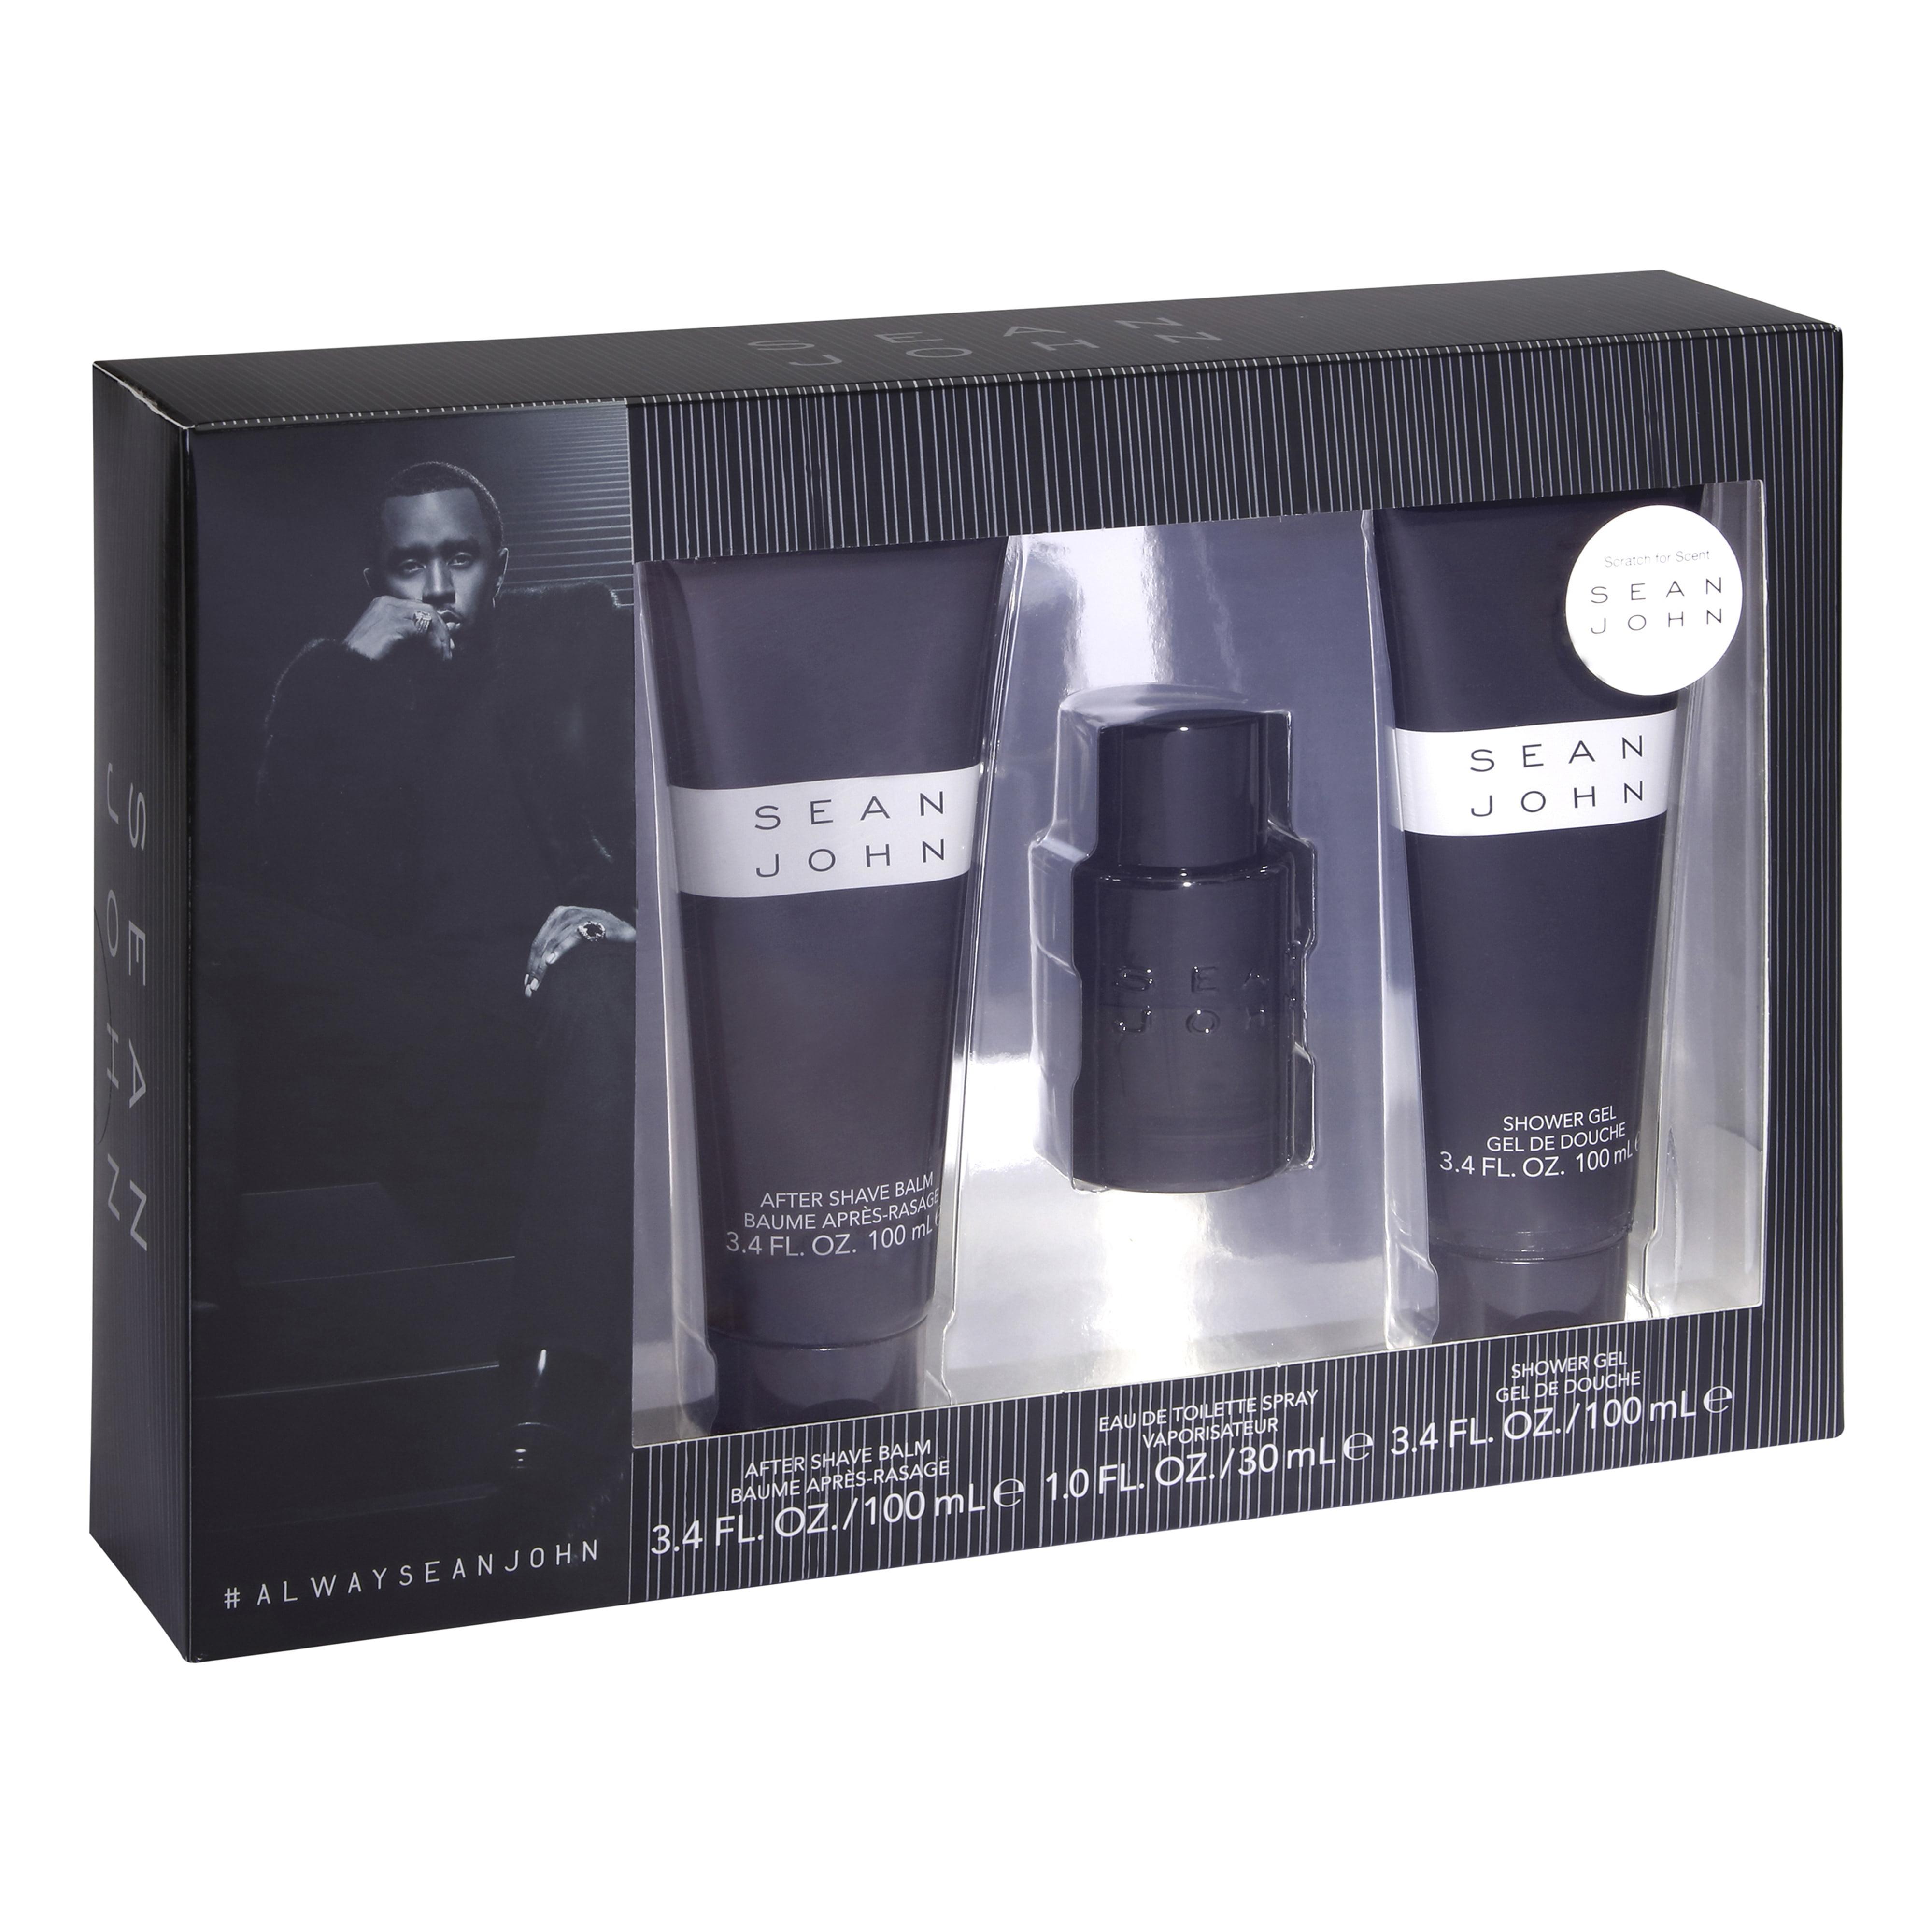 Sean John Cologne Spray, Shower Gel, & Aftershave Gift Set for Men, 3 Piece ($74 Value)